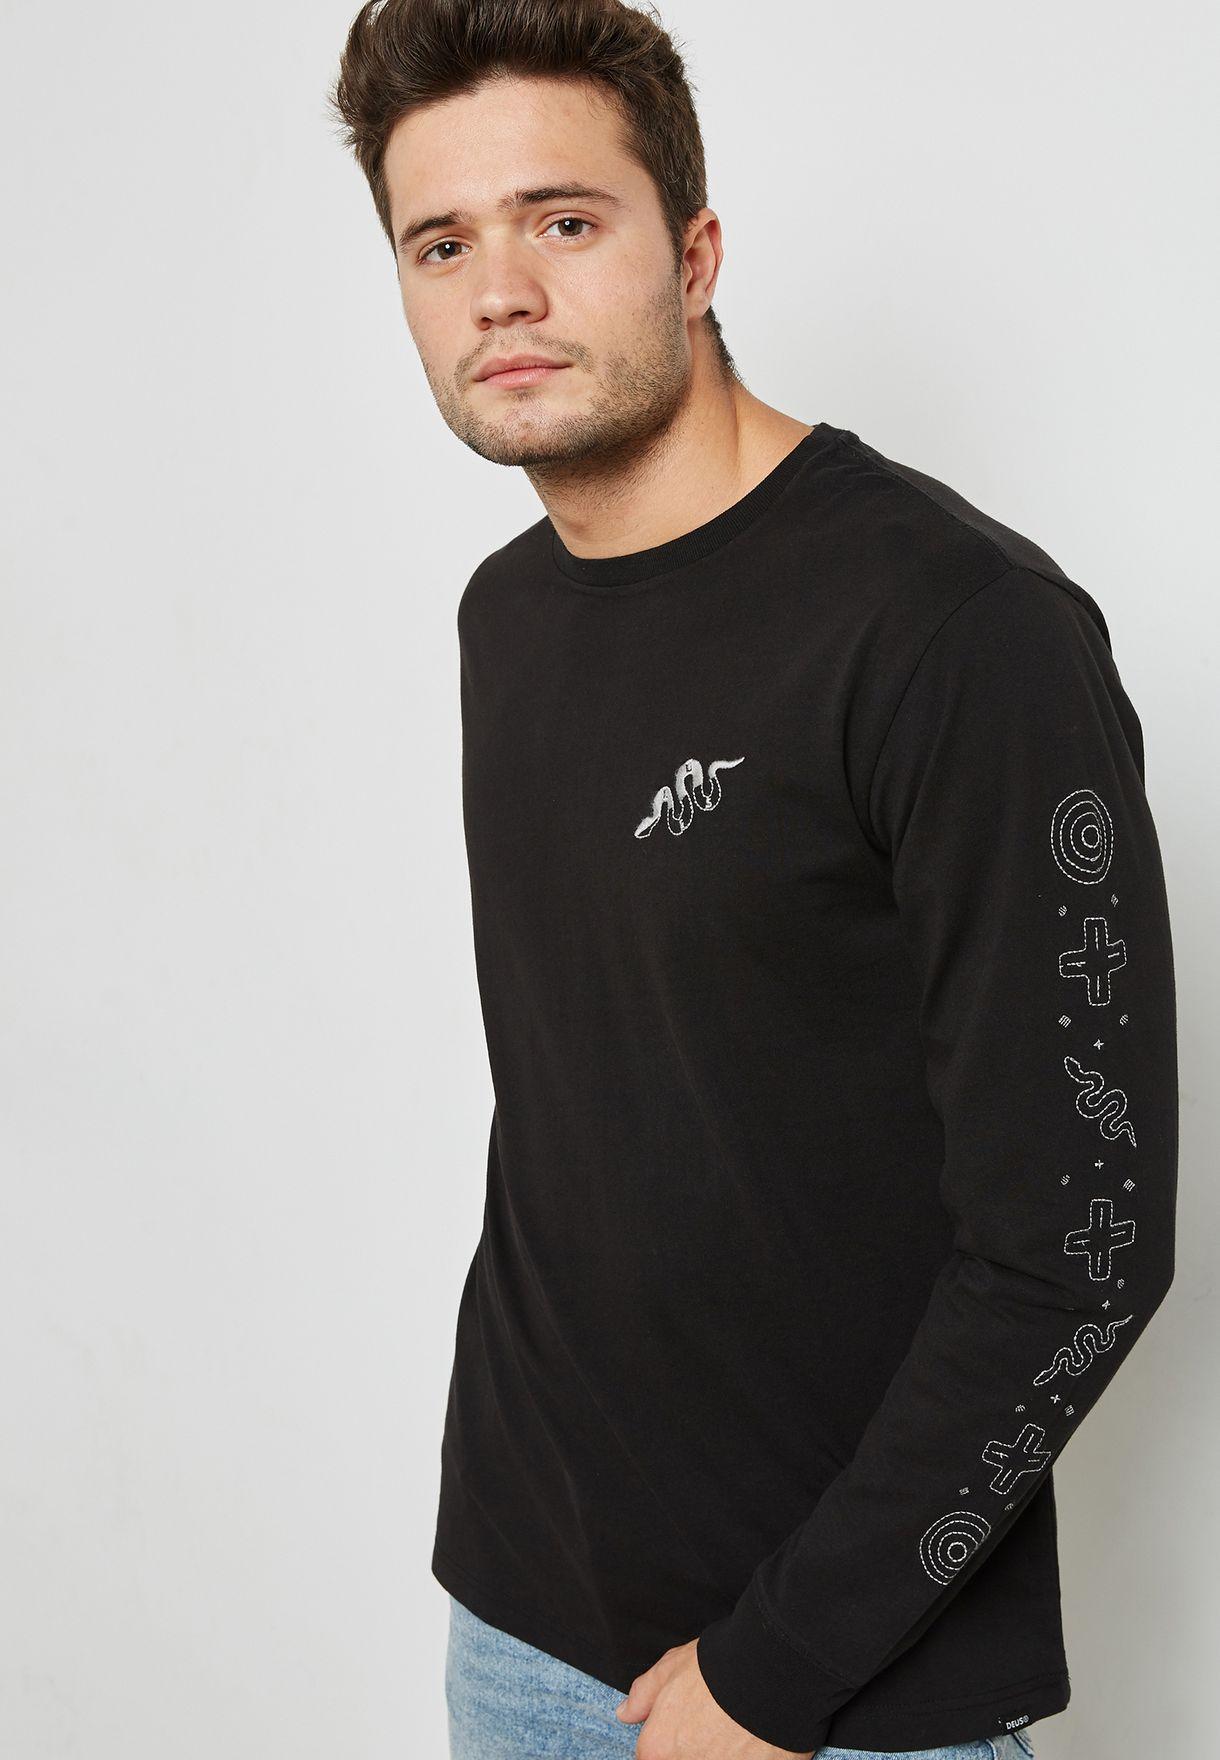 Backtrack T-Shirt